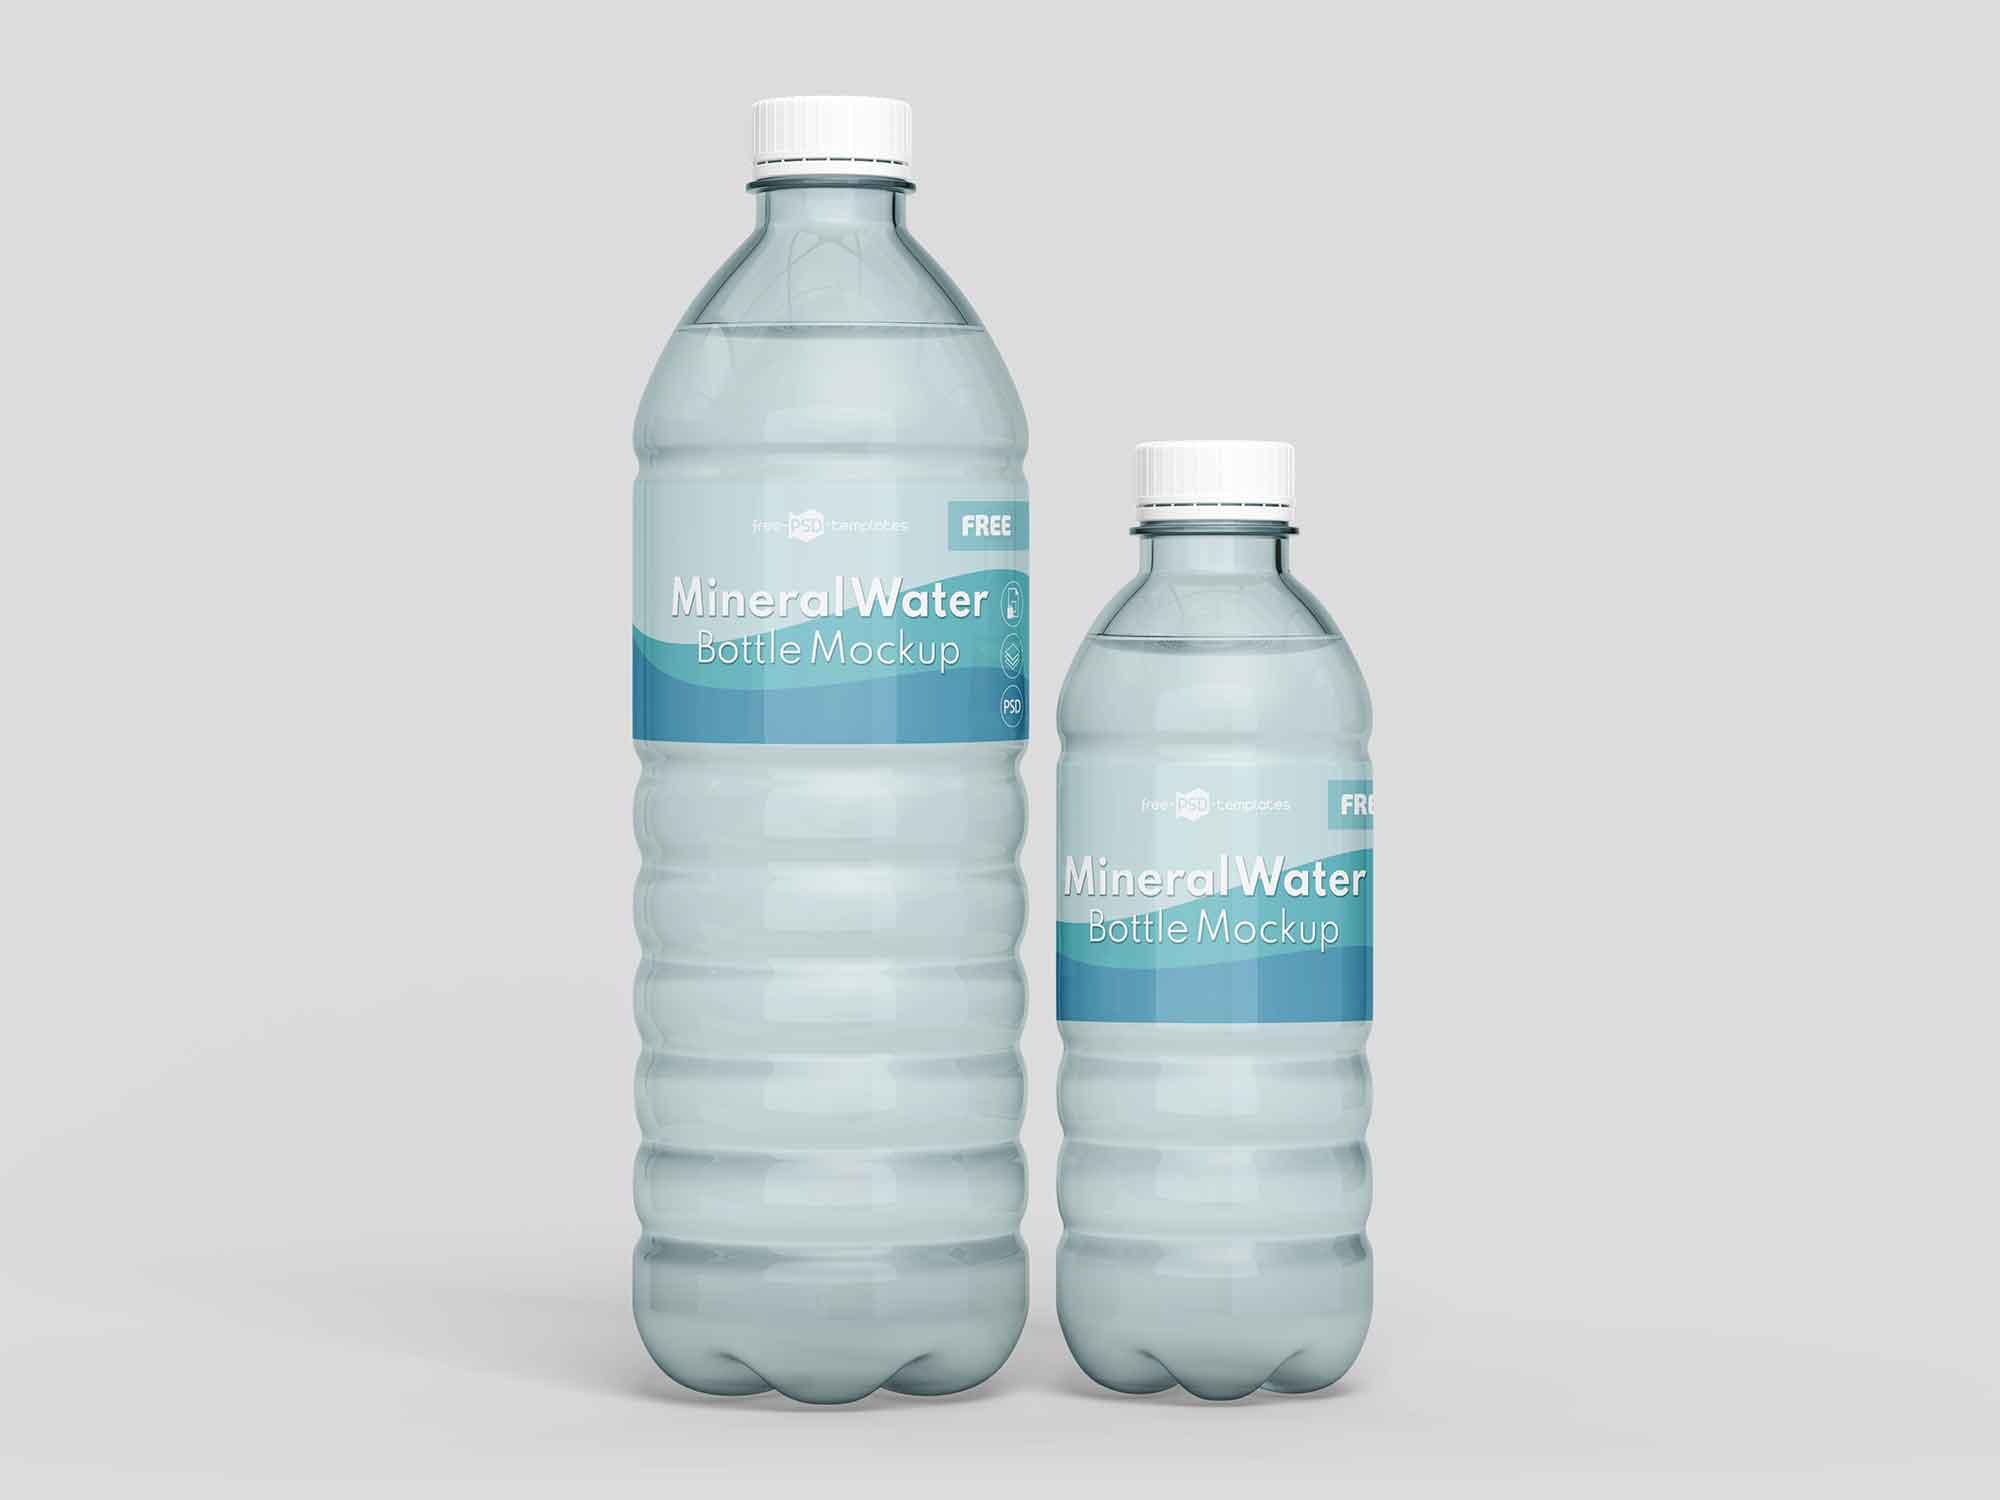 Mineral Water Bottles Mockup